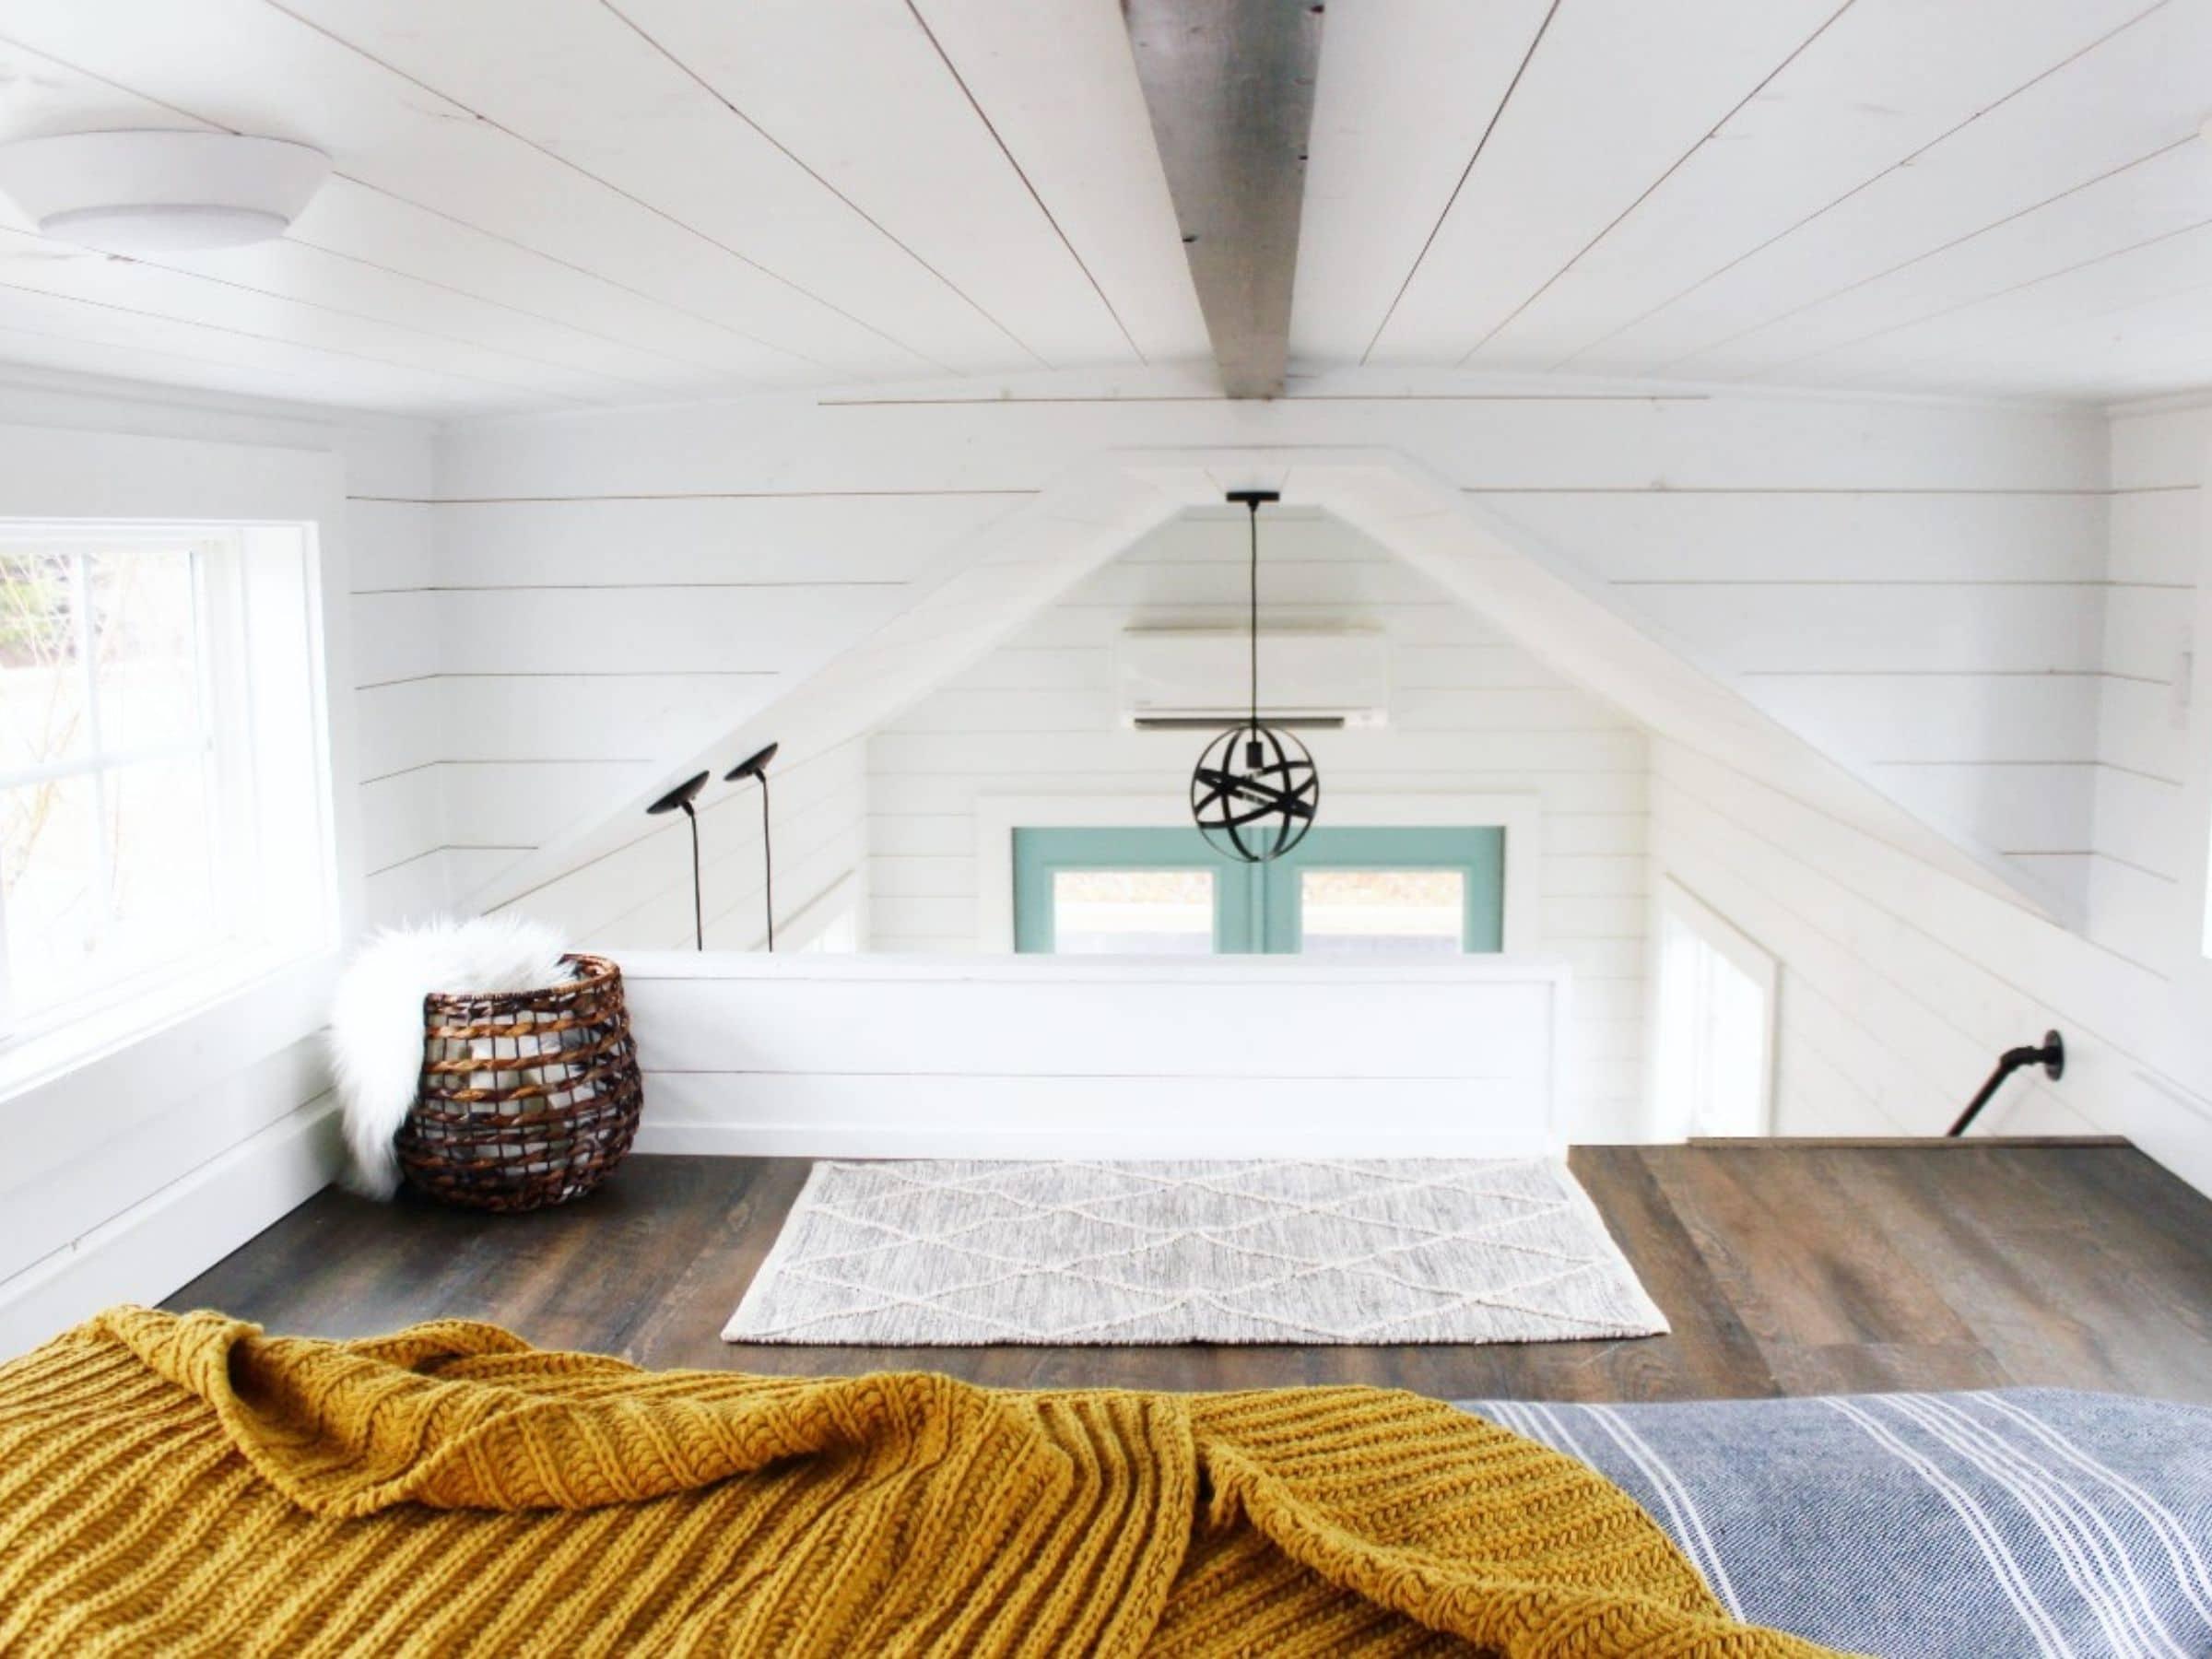 View across loft to front door